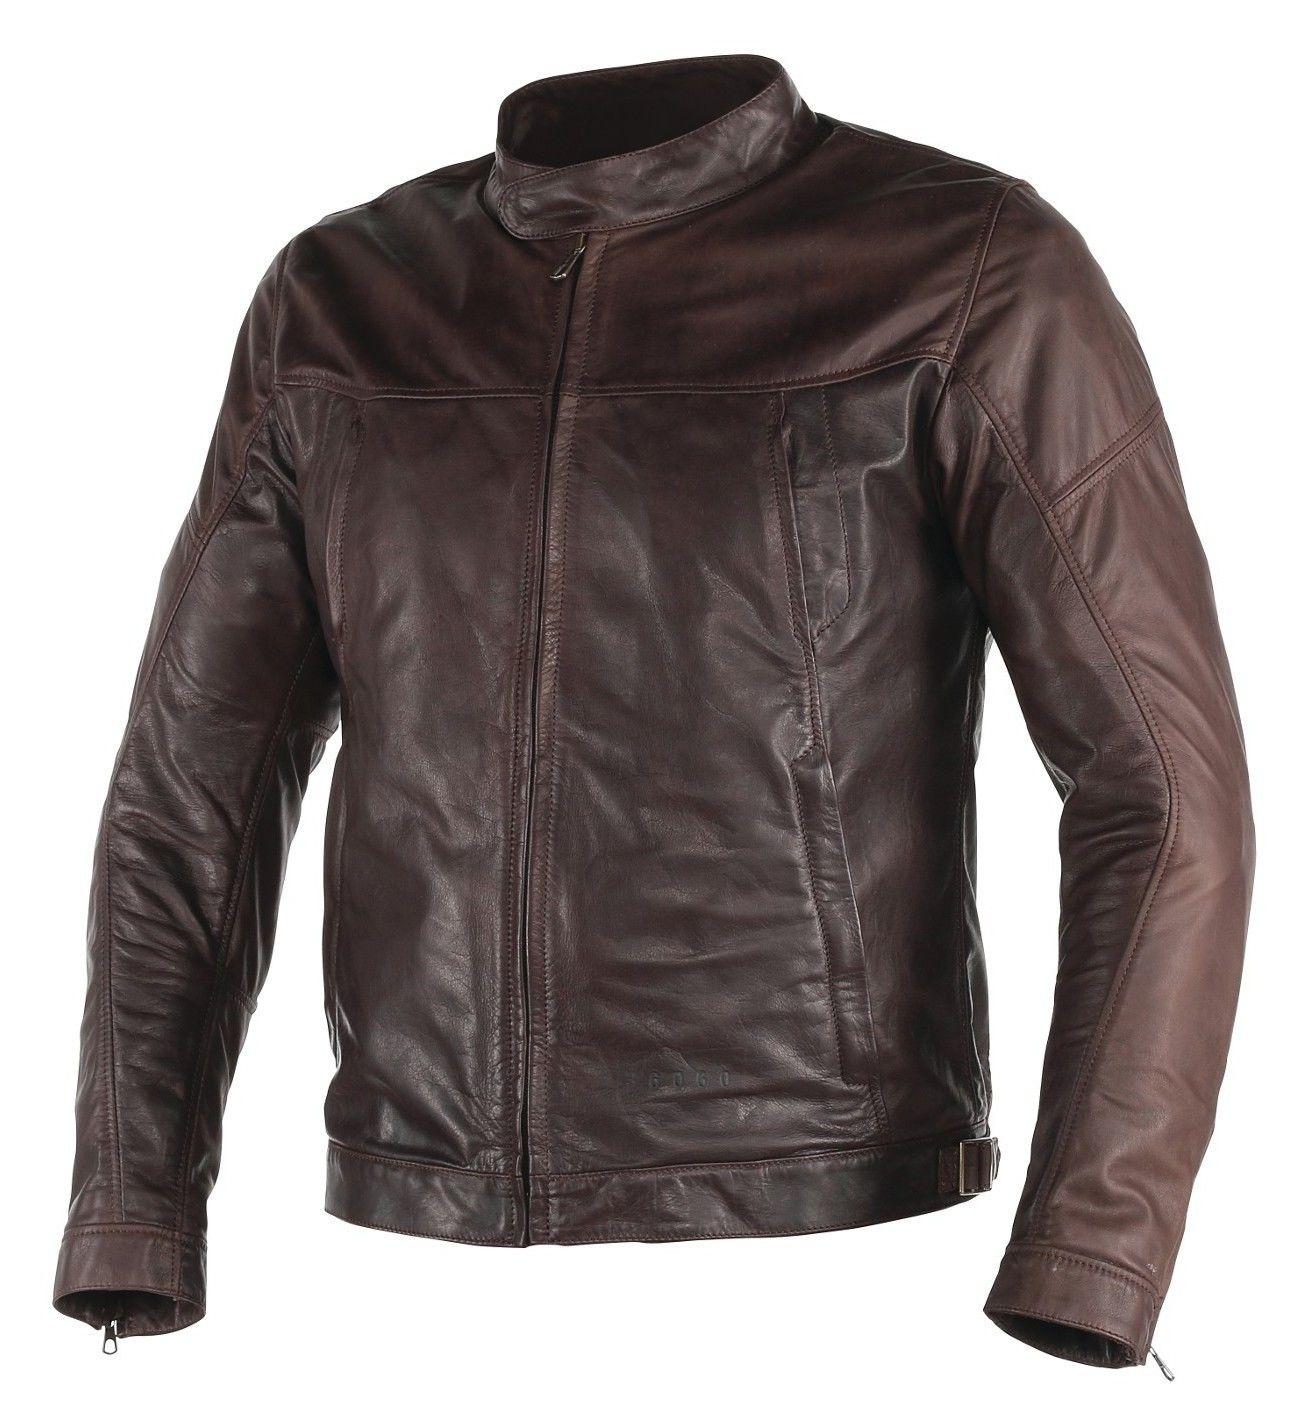 Dainese Heston Leather Jacket - RevZilla